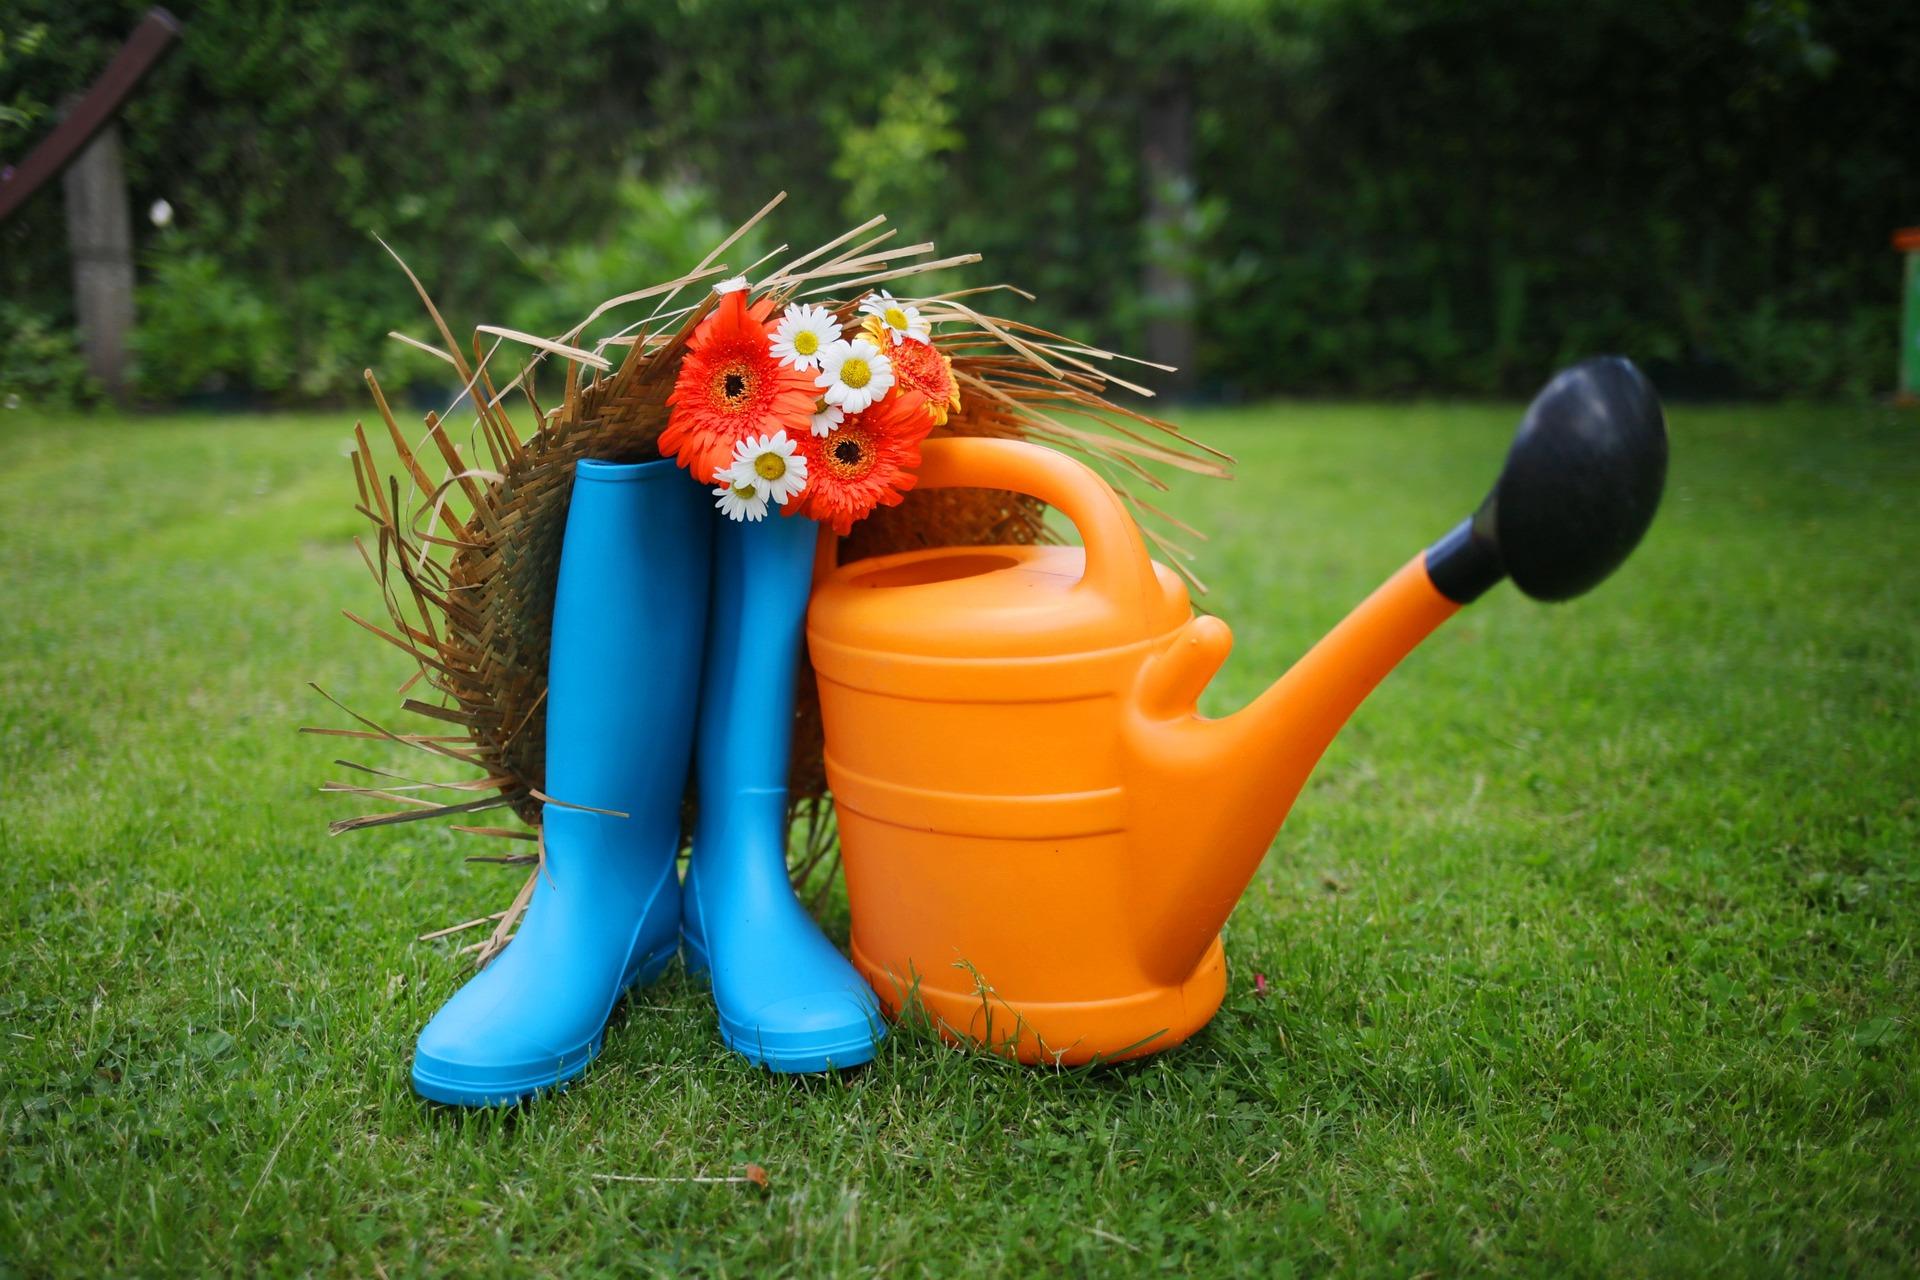 botas-regadera-jardín-verano-riego-mantenimiento